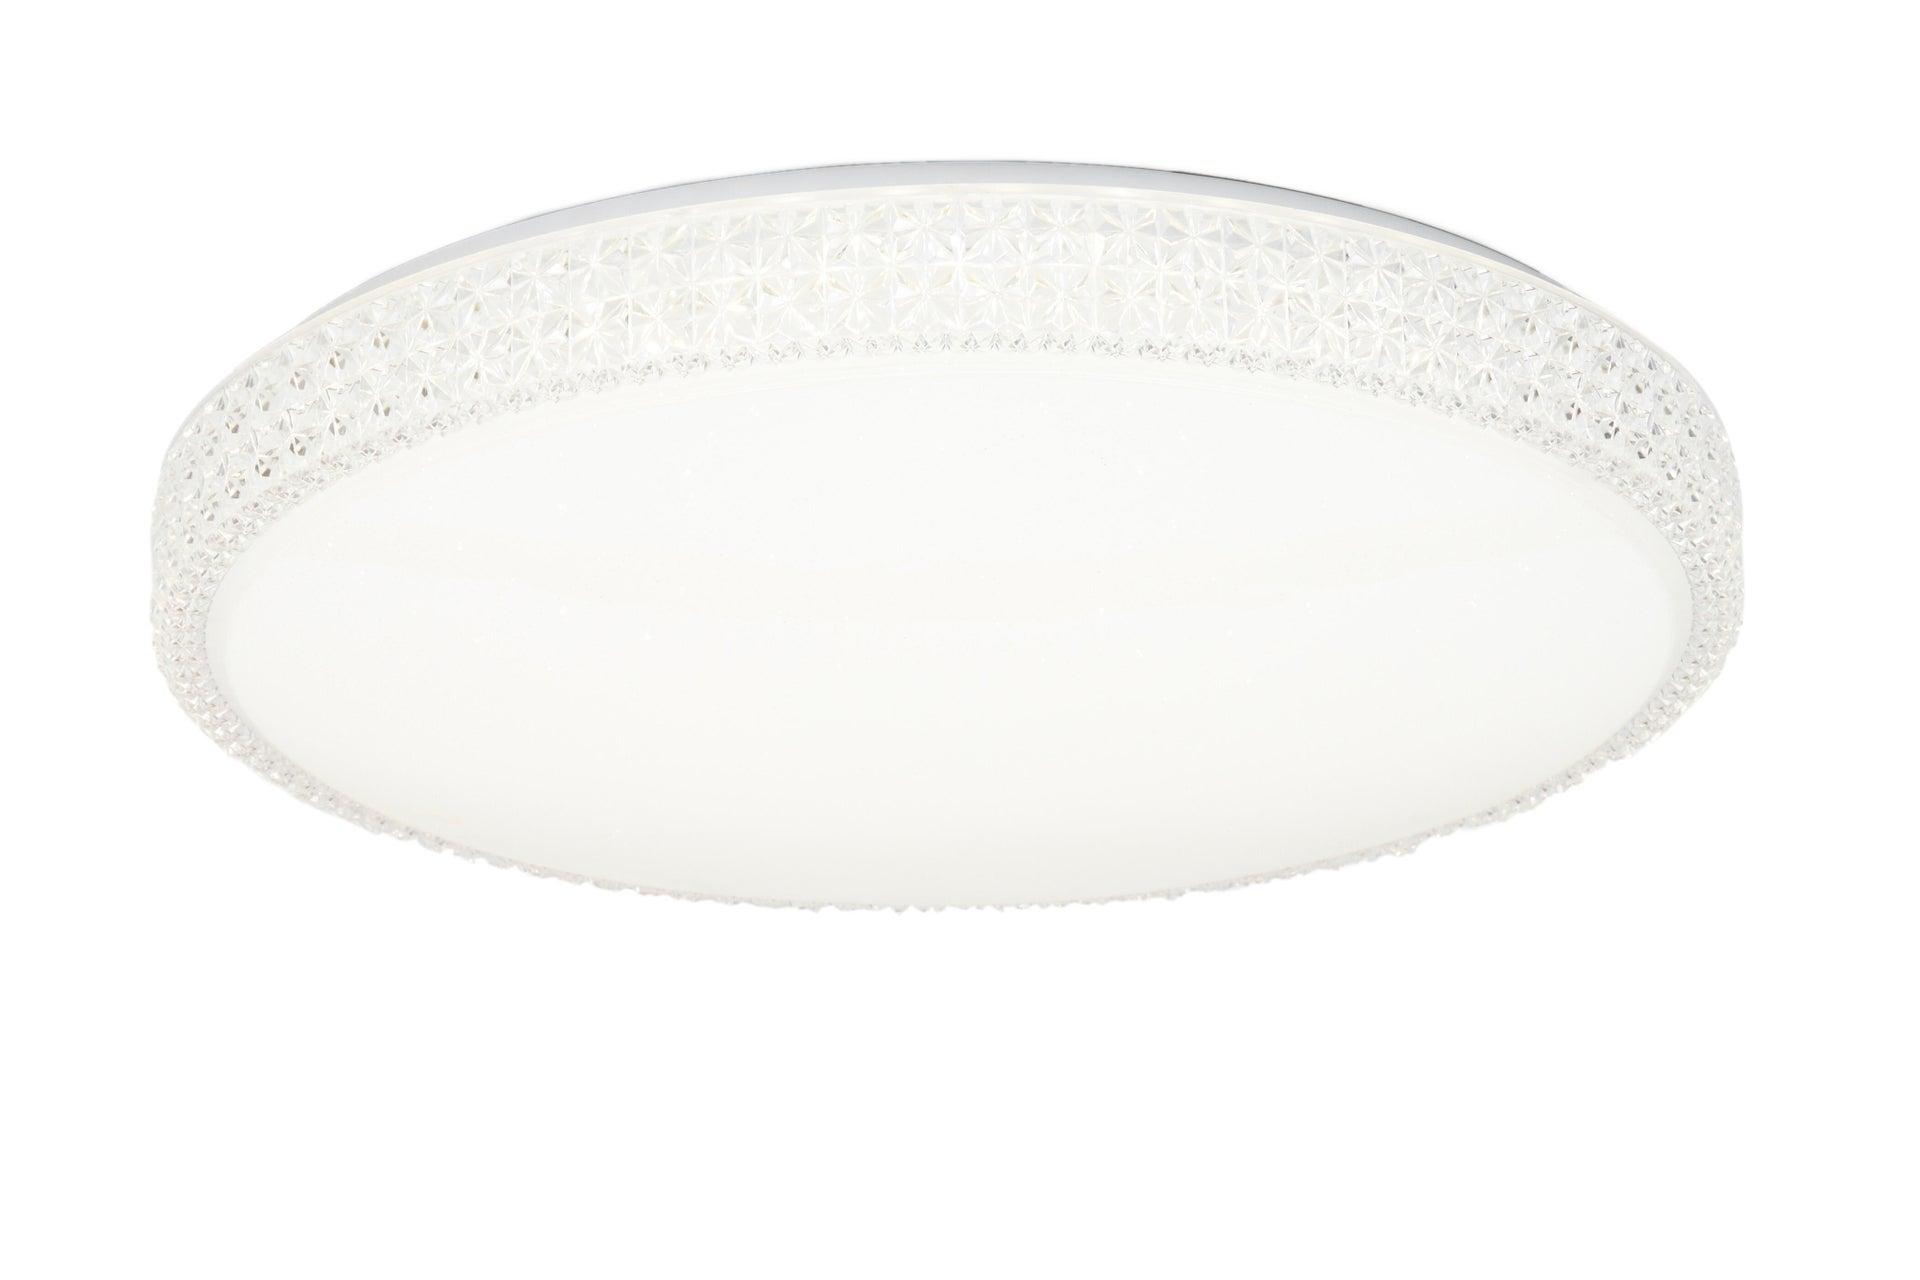 Plafoniera neoclassico Soledad LED integrato bianco D. 60 cm - 1